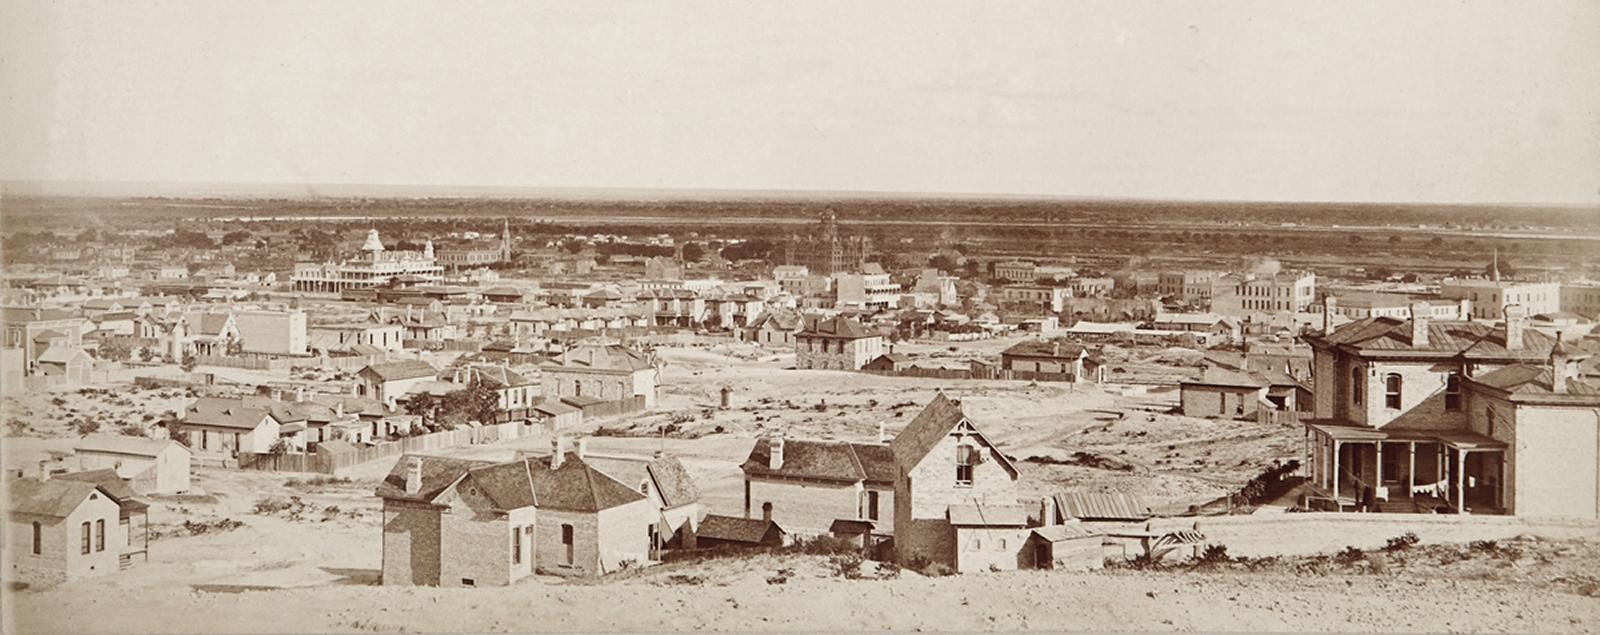 El Paso circa 1880